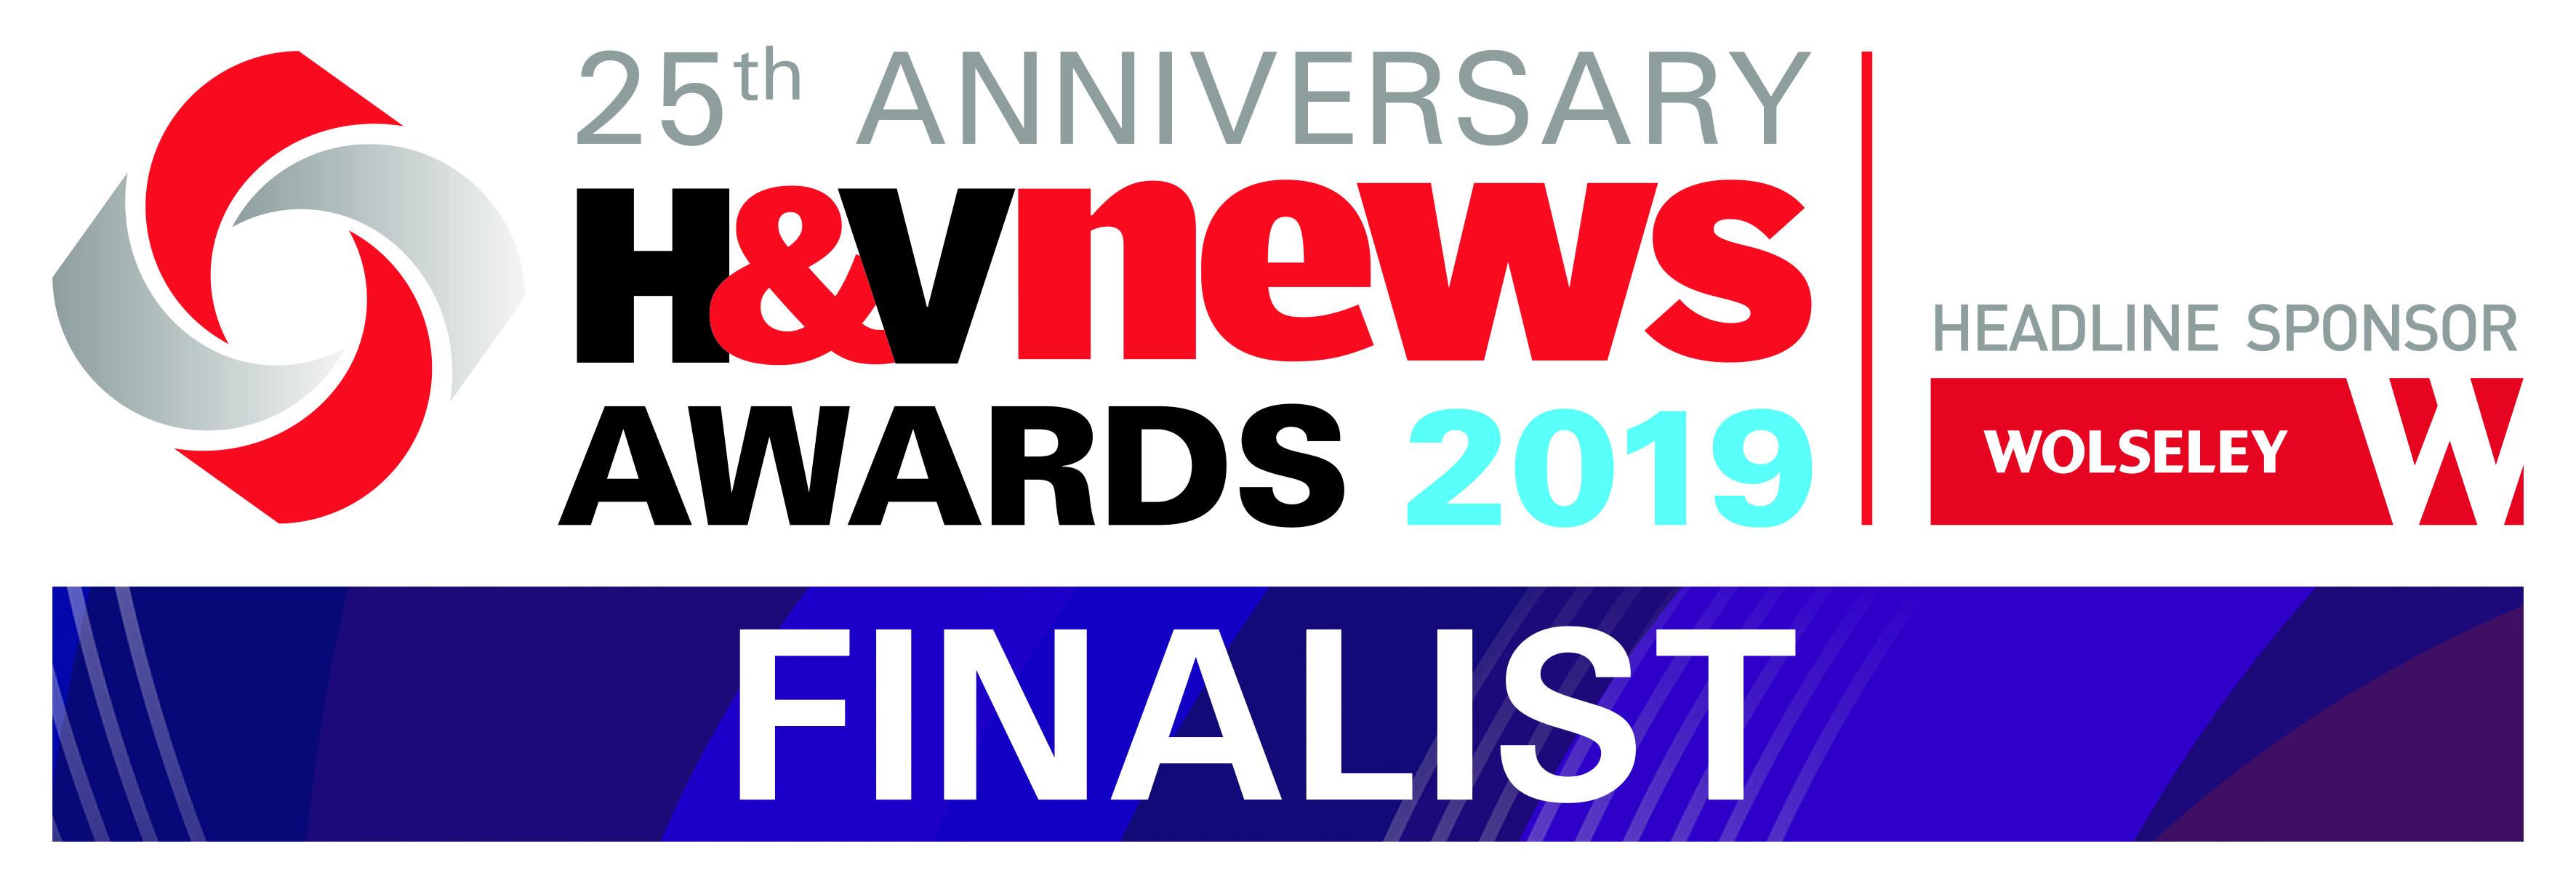 H&V News Awards Finalist 2019.